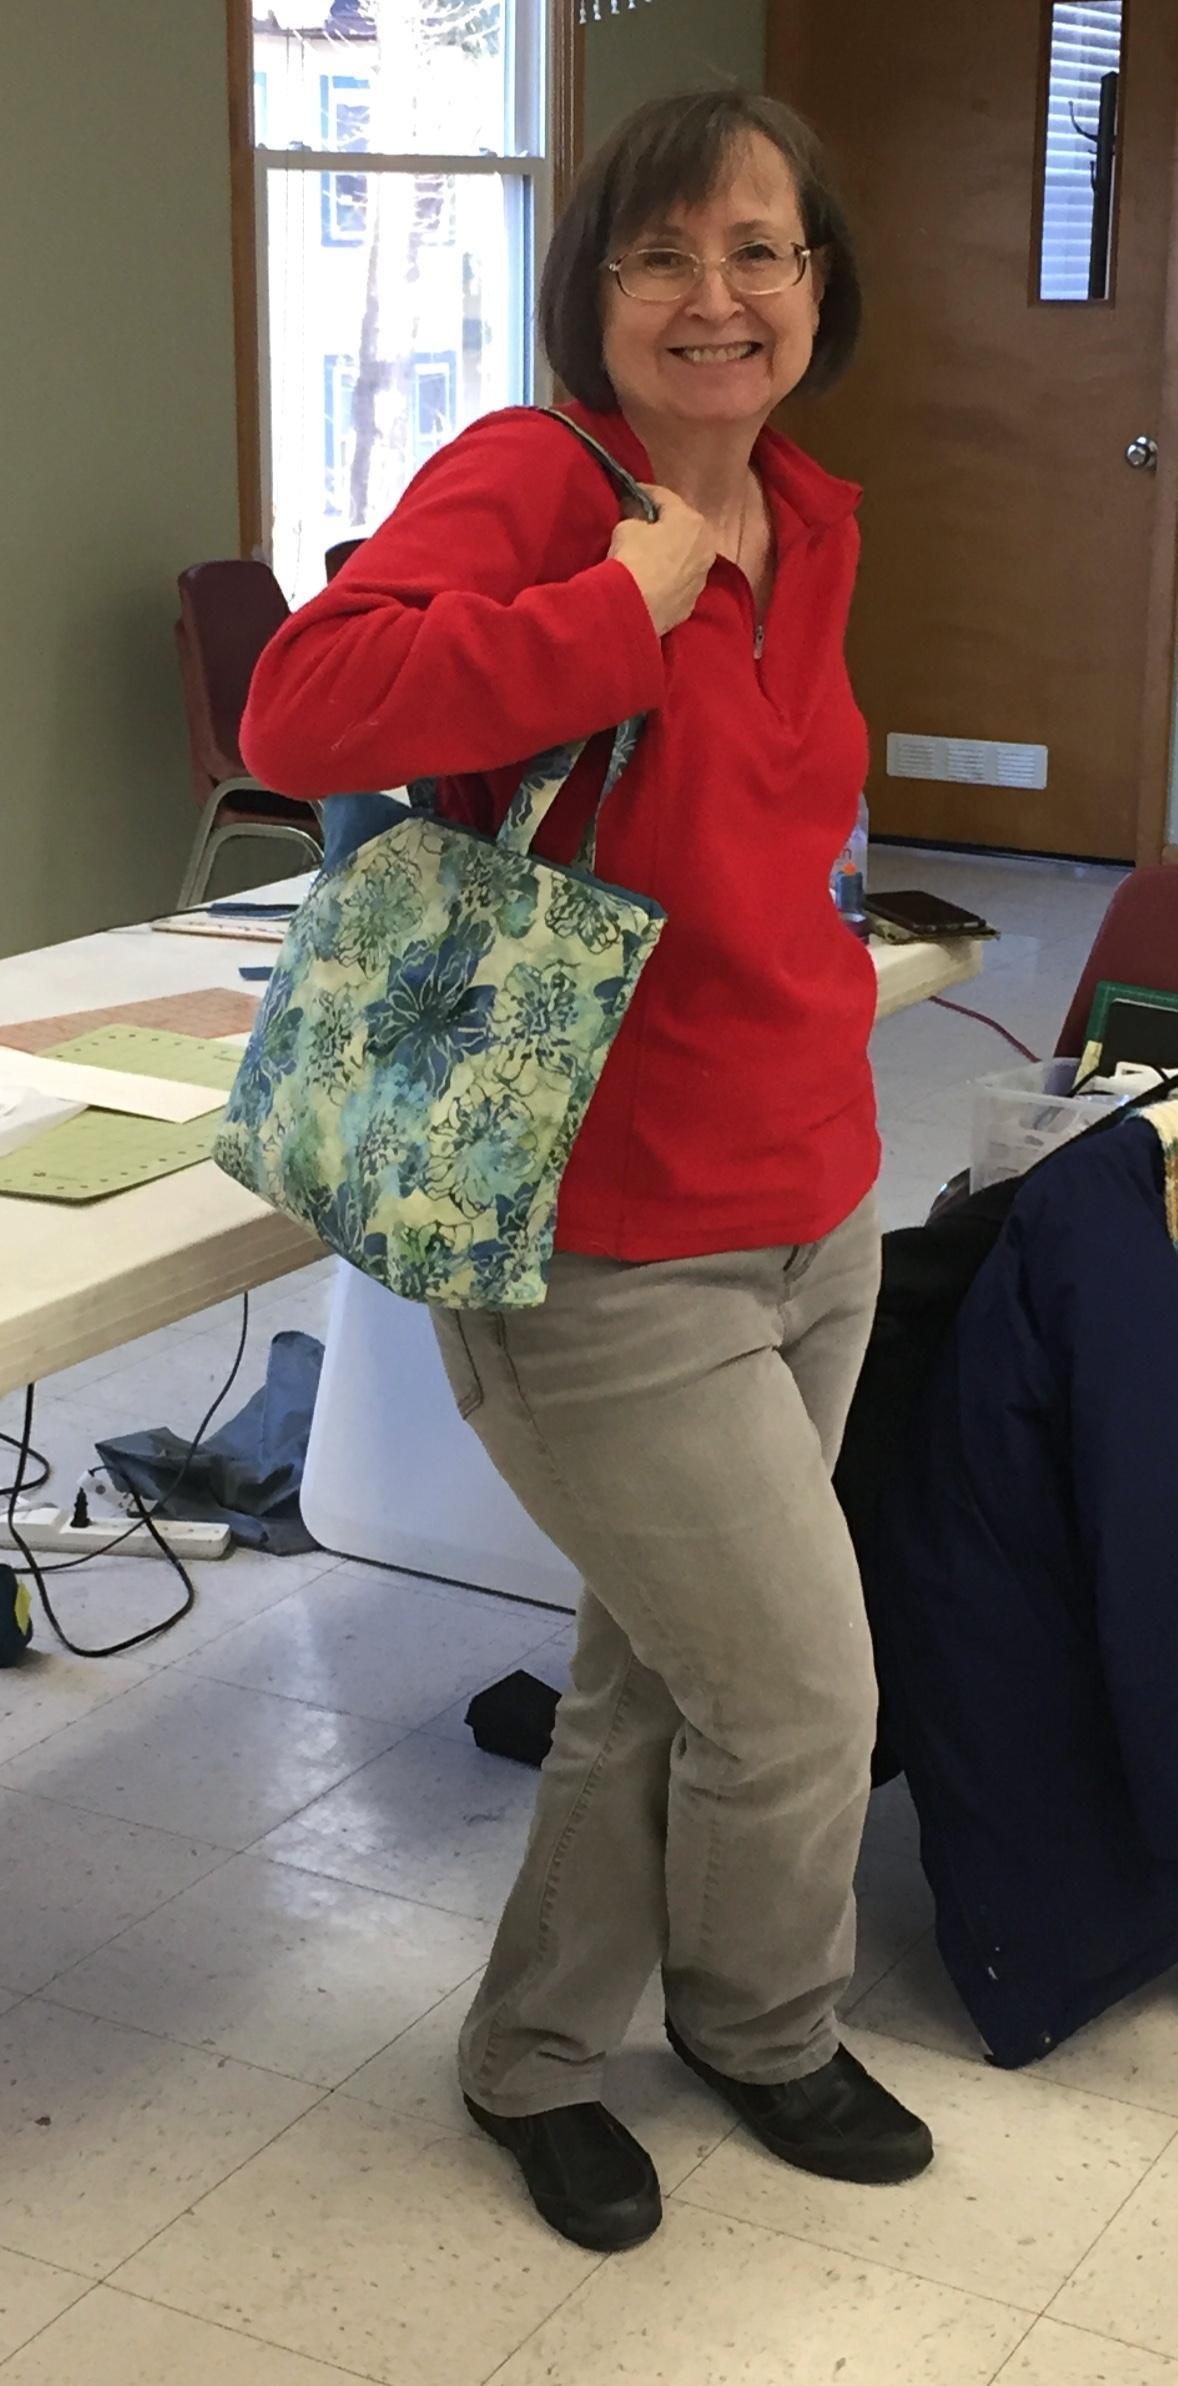 Vicky's Finished Handbag